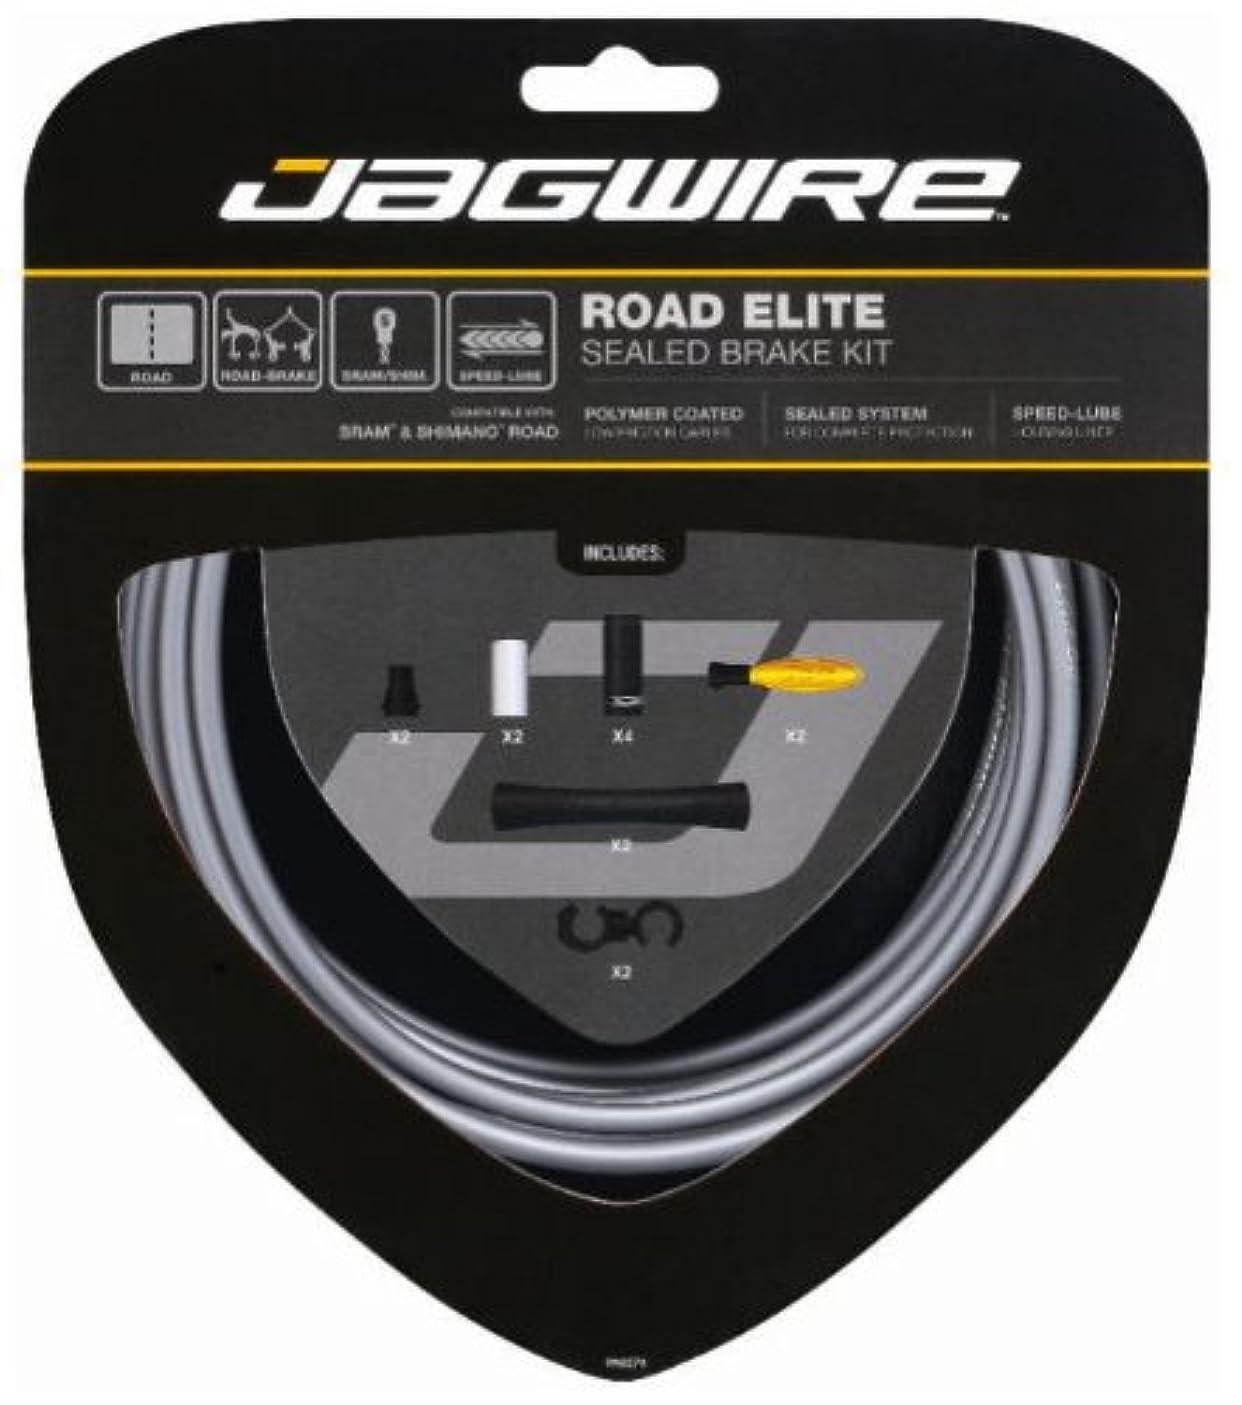 悲劇的な島首JAG WIRE(ジャグワイヤー) Road Elite Sealed Brake Kit フローズングレー RCK401